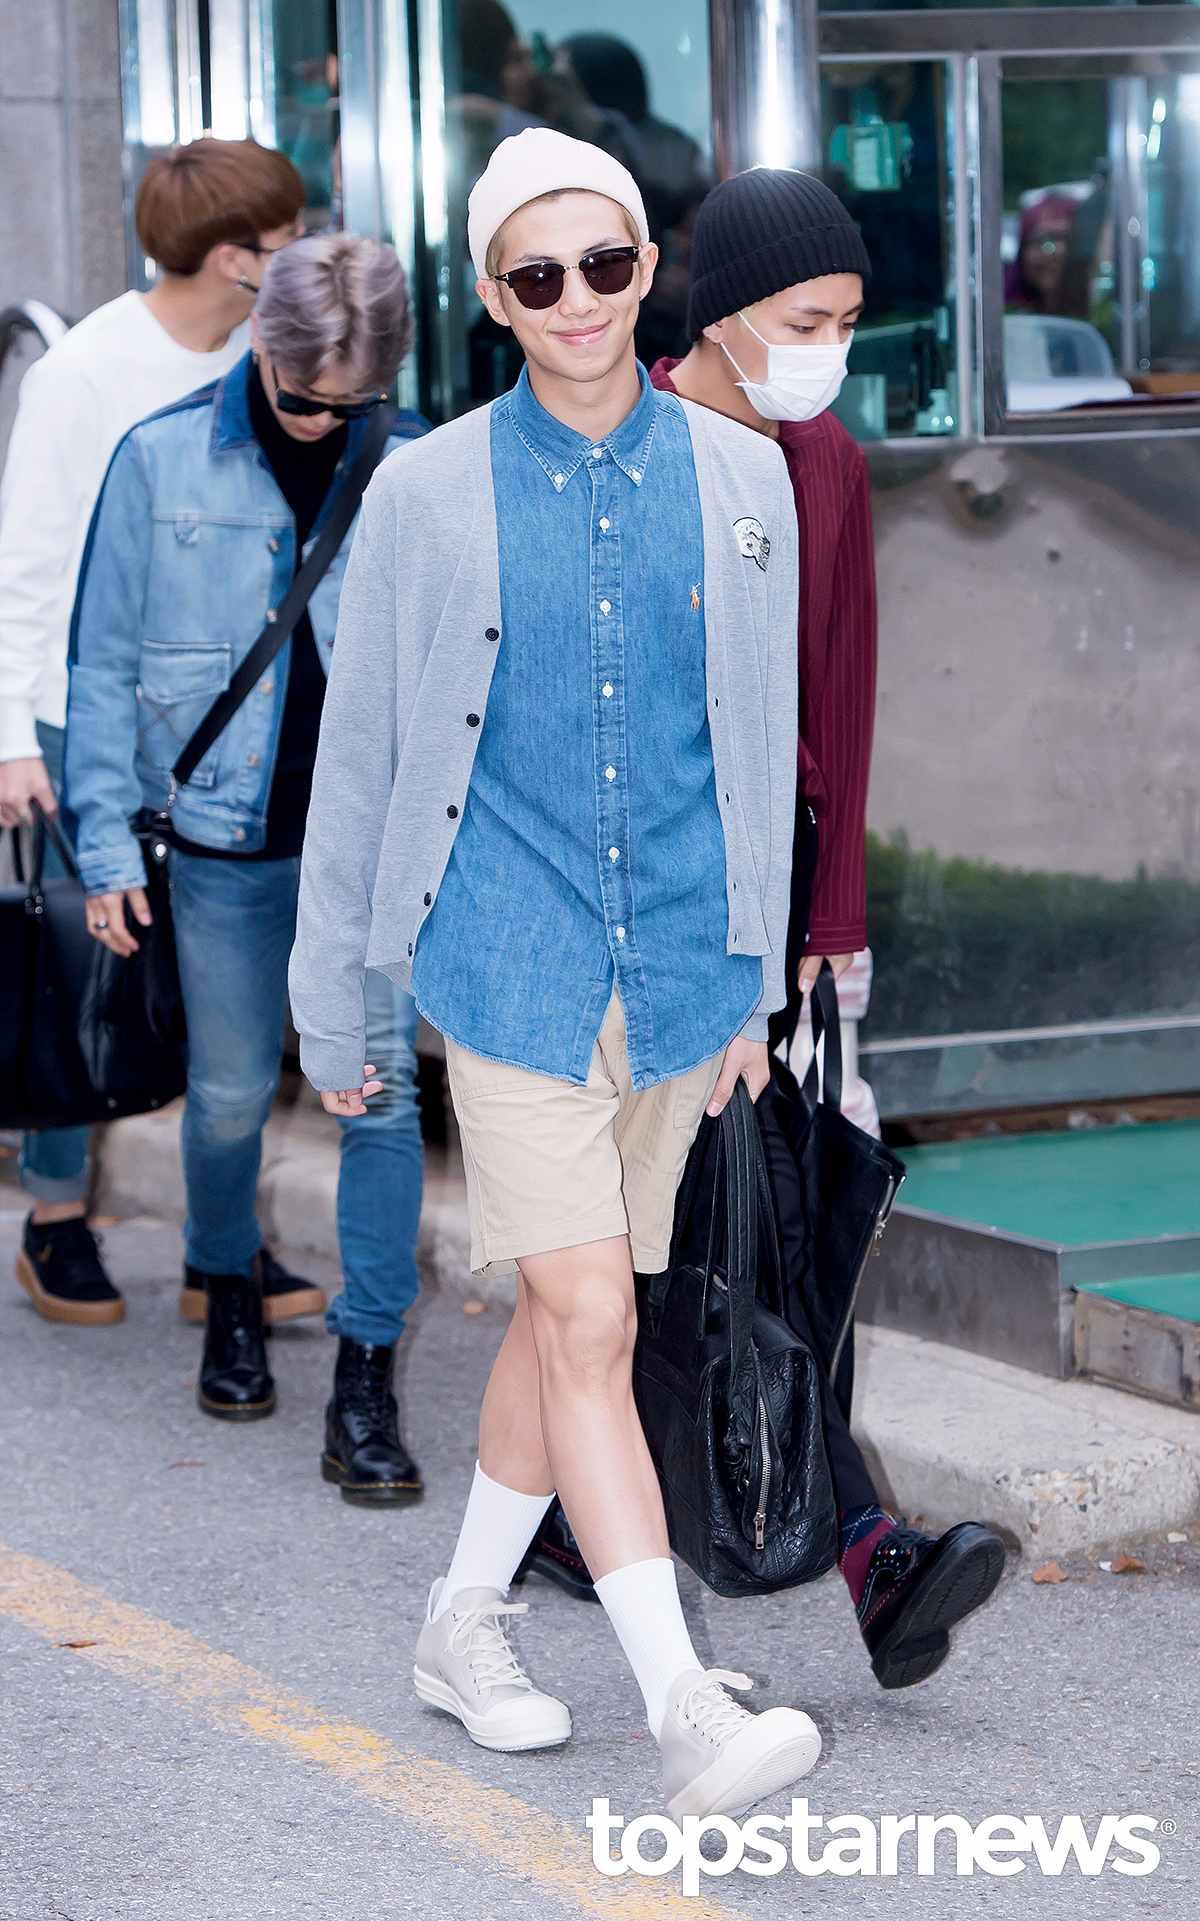 4.短褲 X 中筒襪 男生穿這種膝蓋以上的短褲本來就很需要勇氣,但如果再加上中筒襪看起來真的很像幼兒園的校服風格,雖然很韓風,但摩登少女還是建議男生不要輕易嘗試。